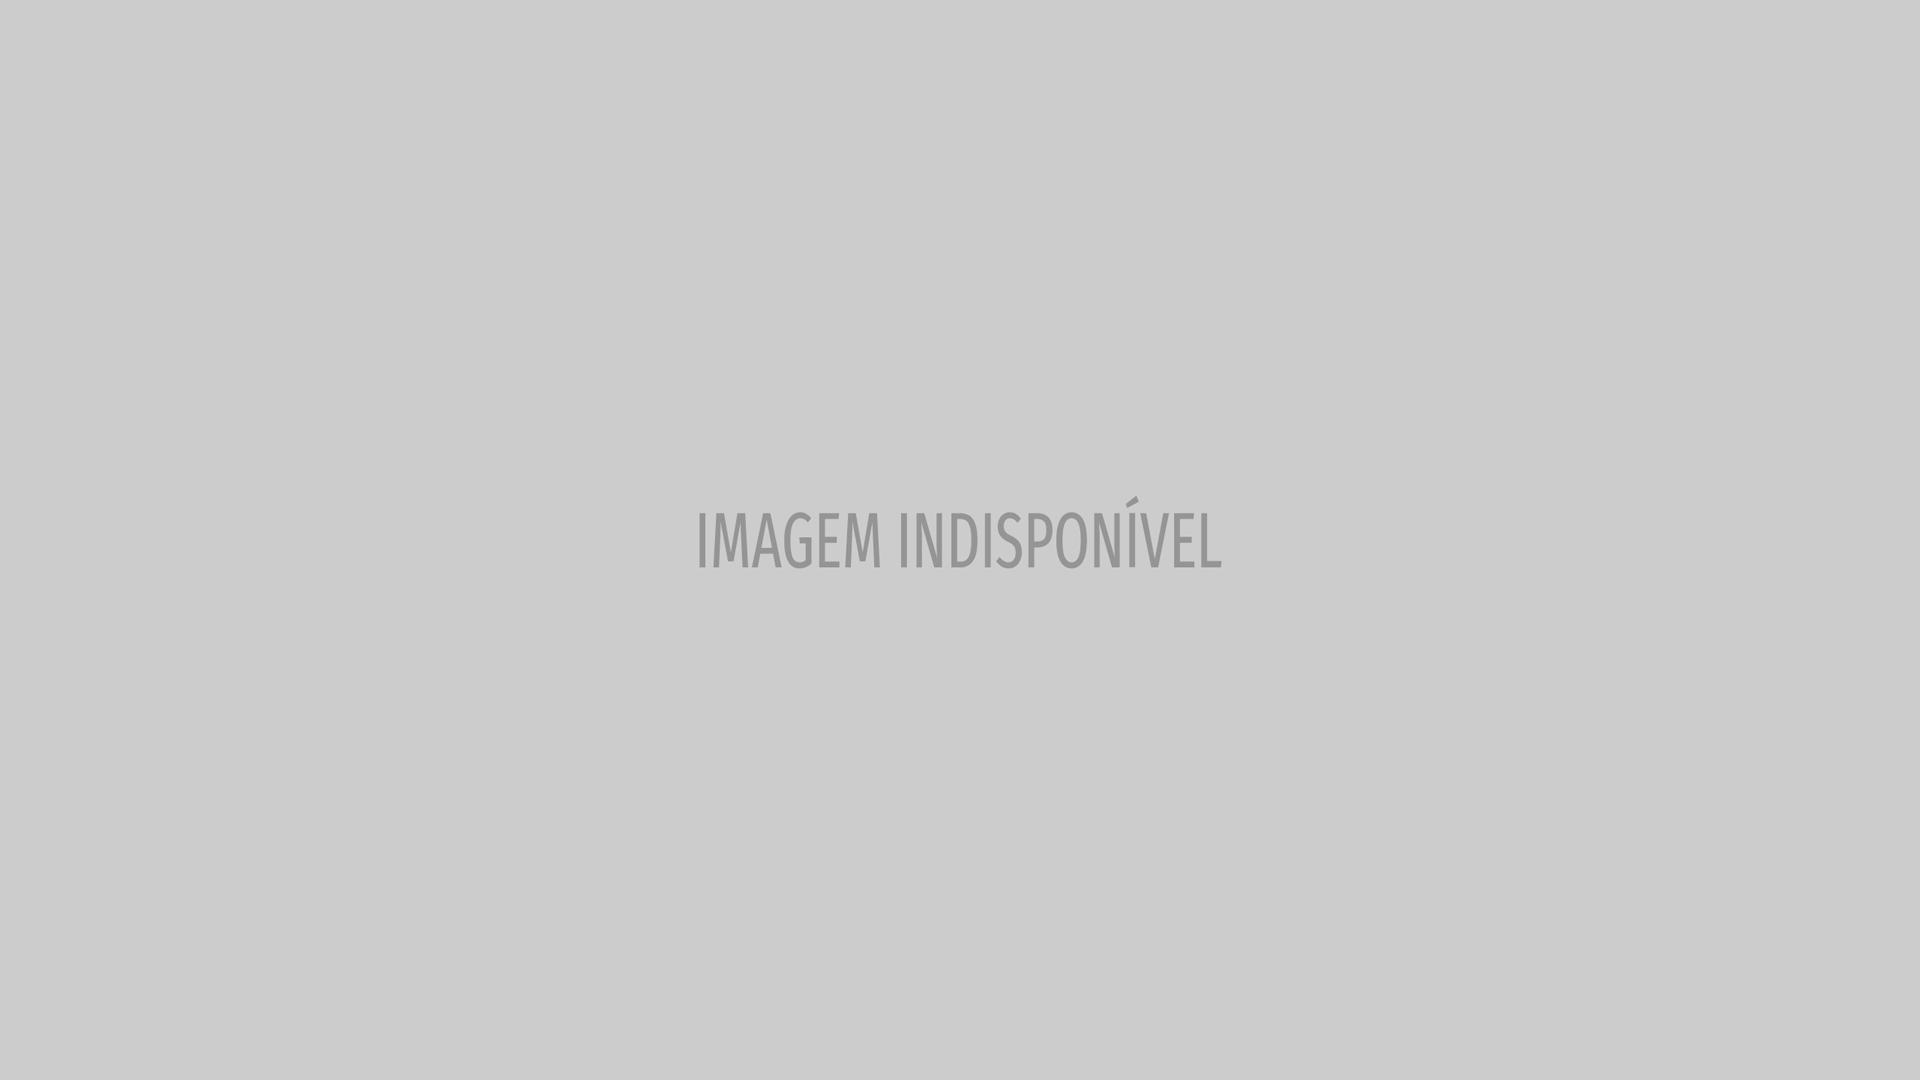 Torcedor apaixonado tatua camisa do Flamengo em tamanho real; vídeo